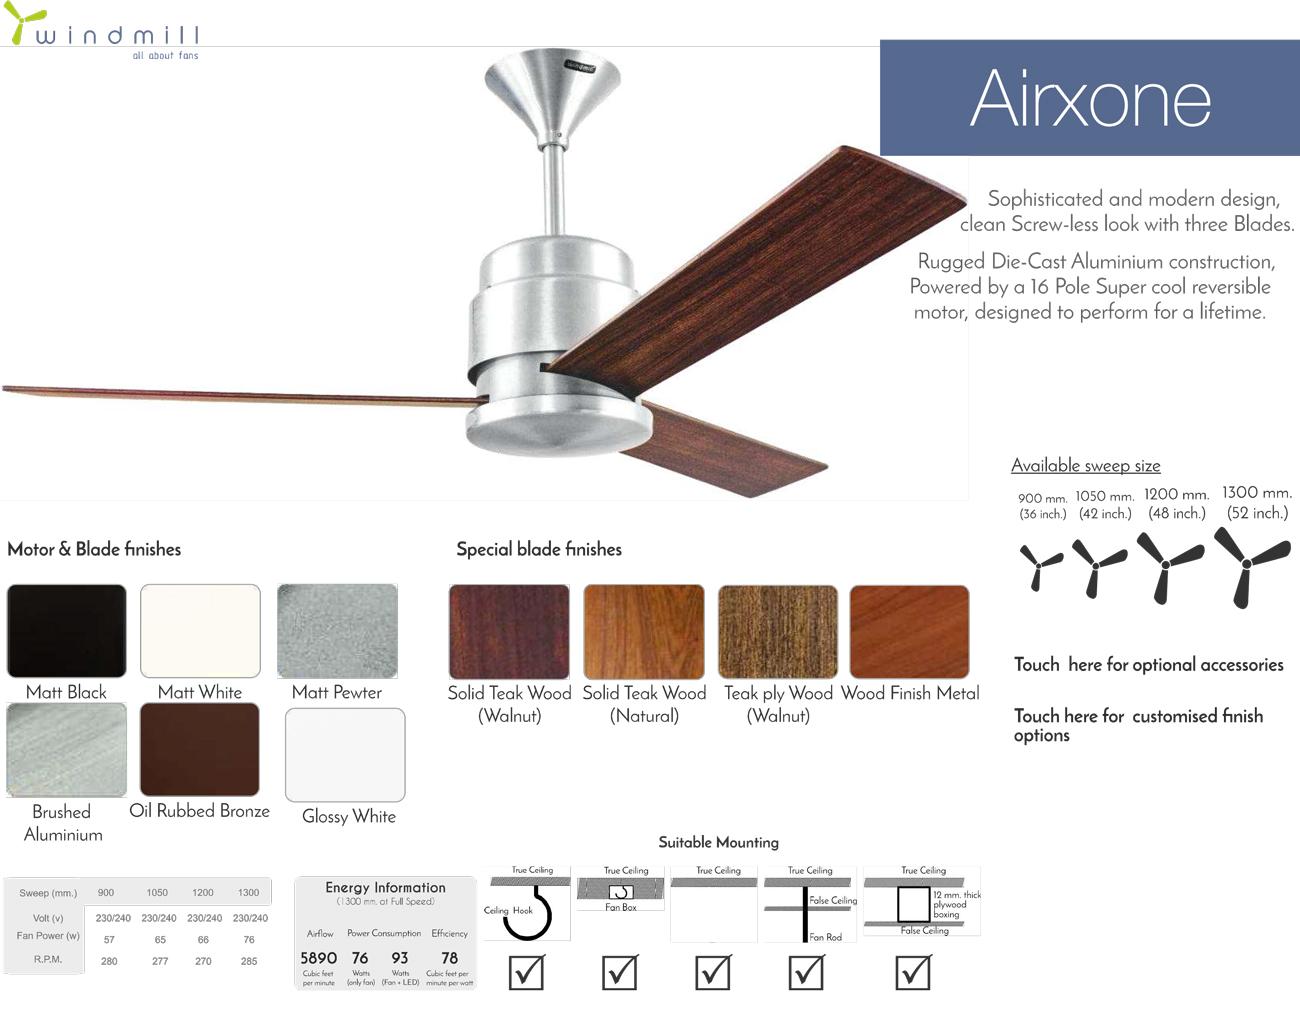 Windmill Airxone 36